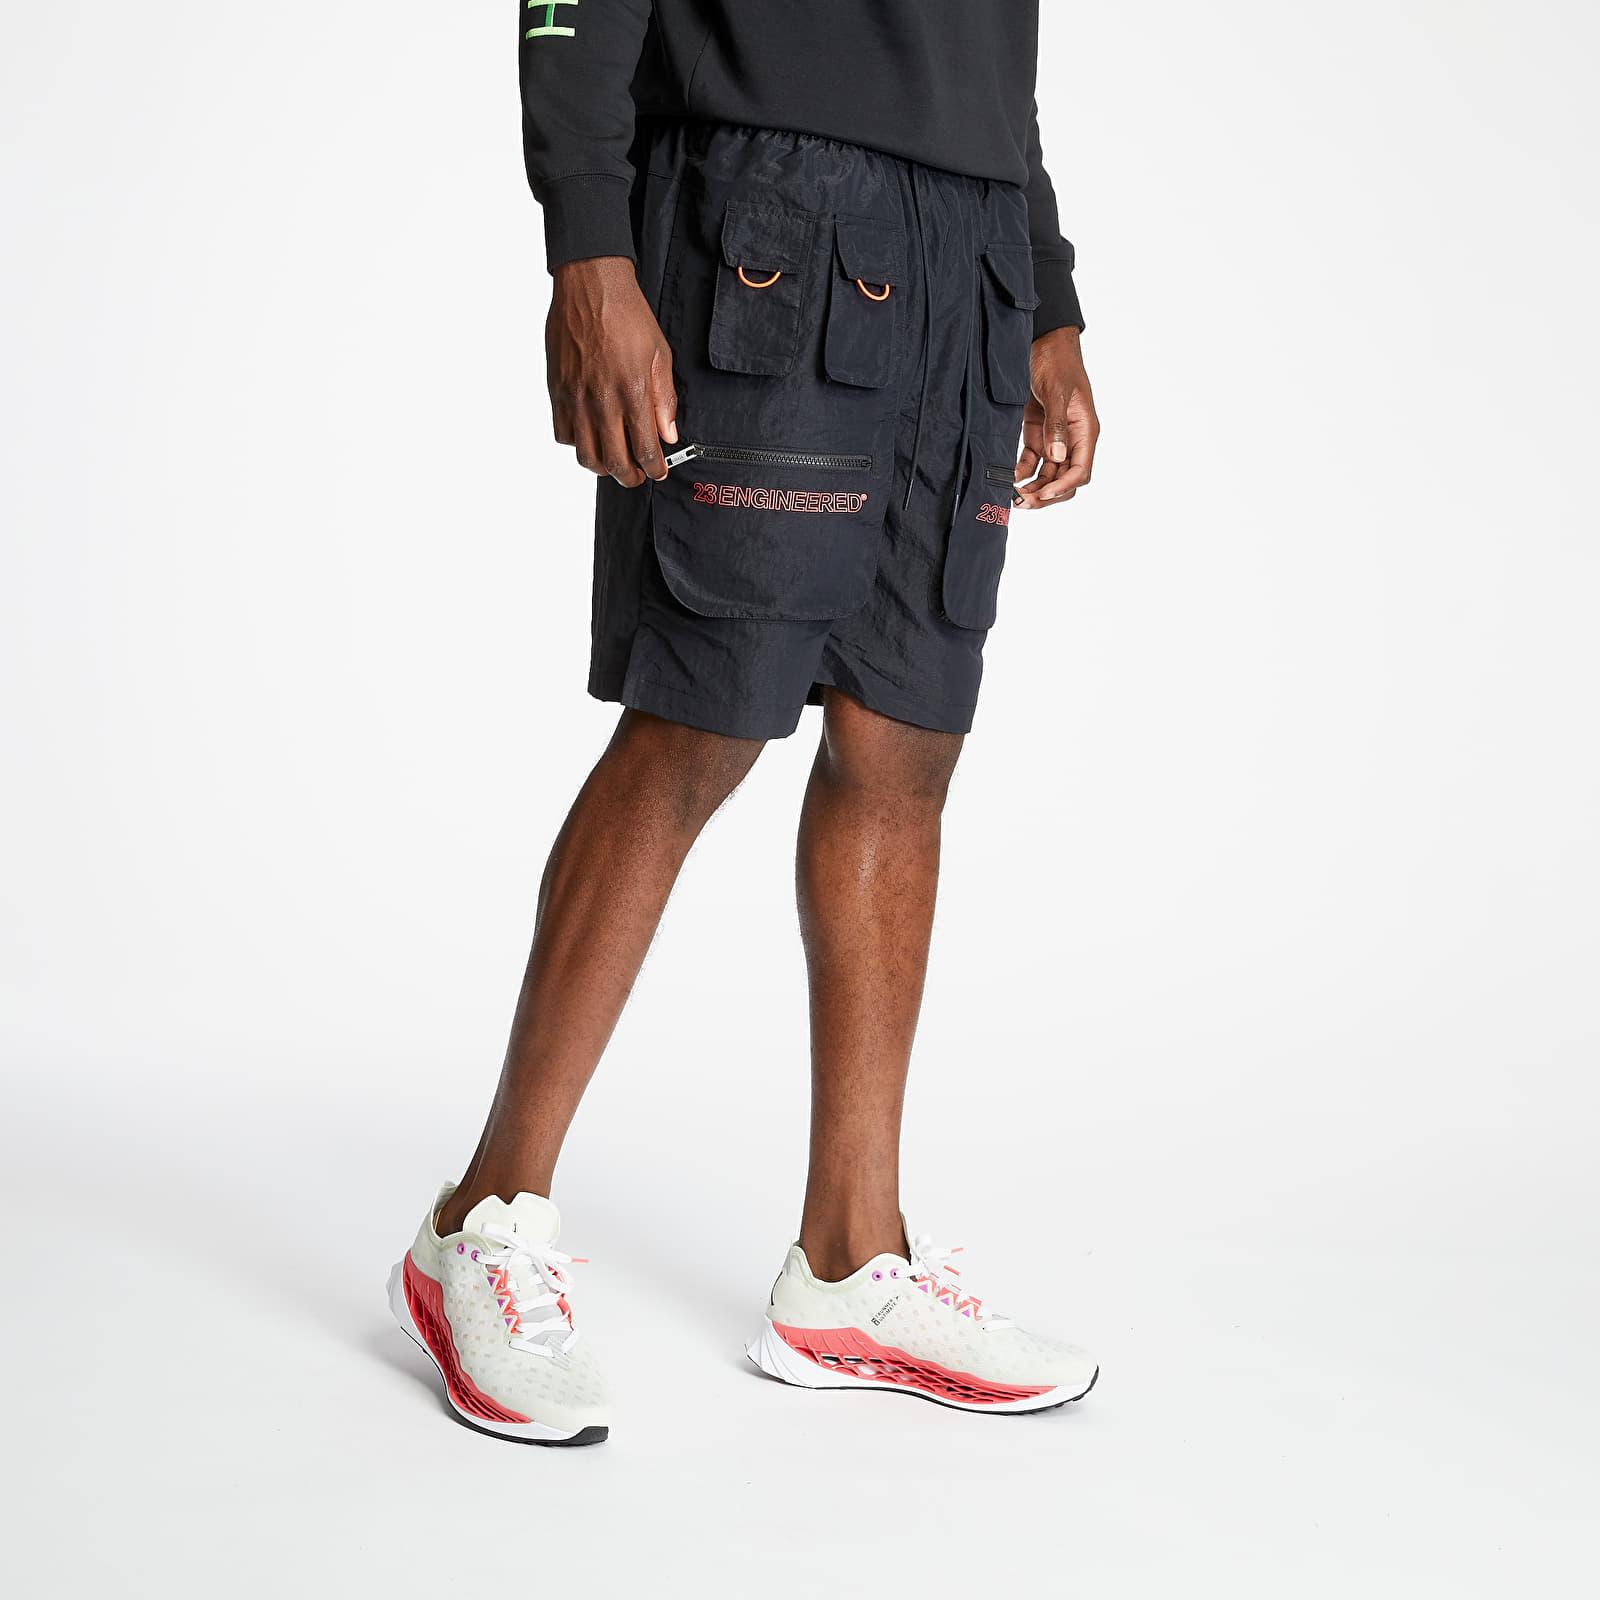 Pantalones cortos Jordan 23 Engineered Utility Shorts Black/ Infrared 23